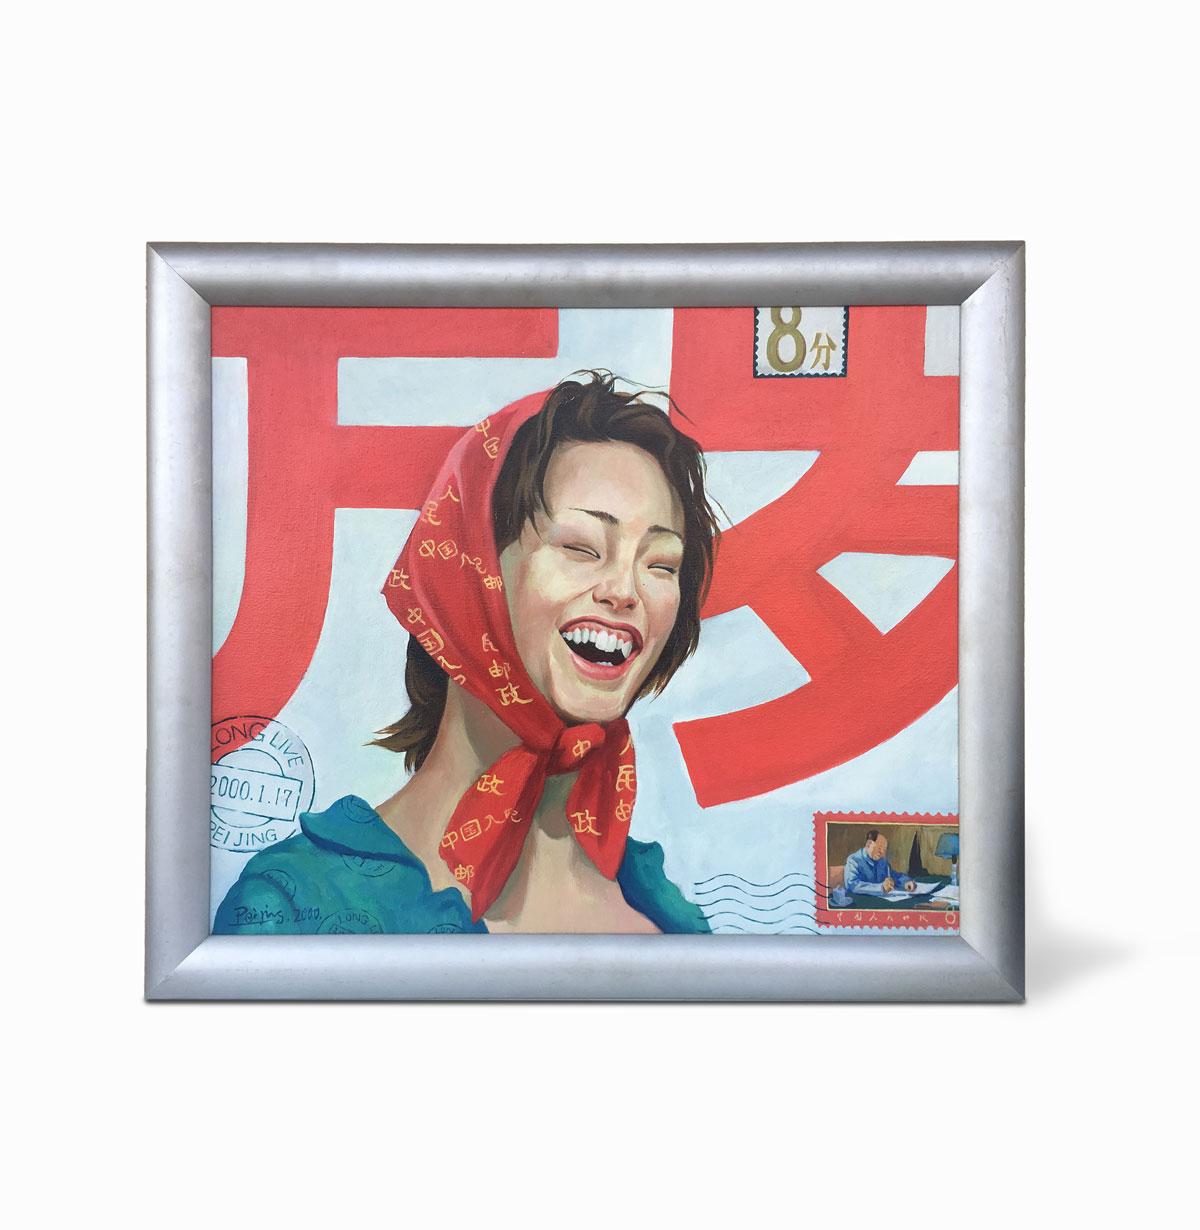 peinture asiatique fréjus, art asiatique, brocanteur fréjus, moderne tableau asiatique, artiste chinois peintre chinois peinture chinoise moderne, achat vente exertise prix à fréjus, nice